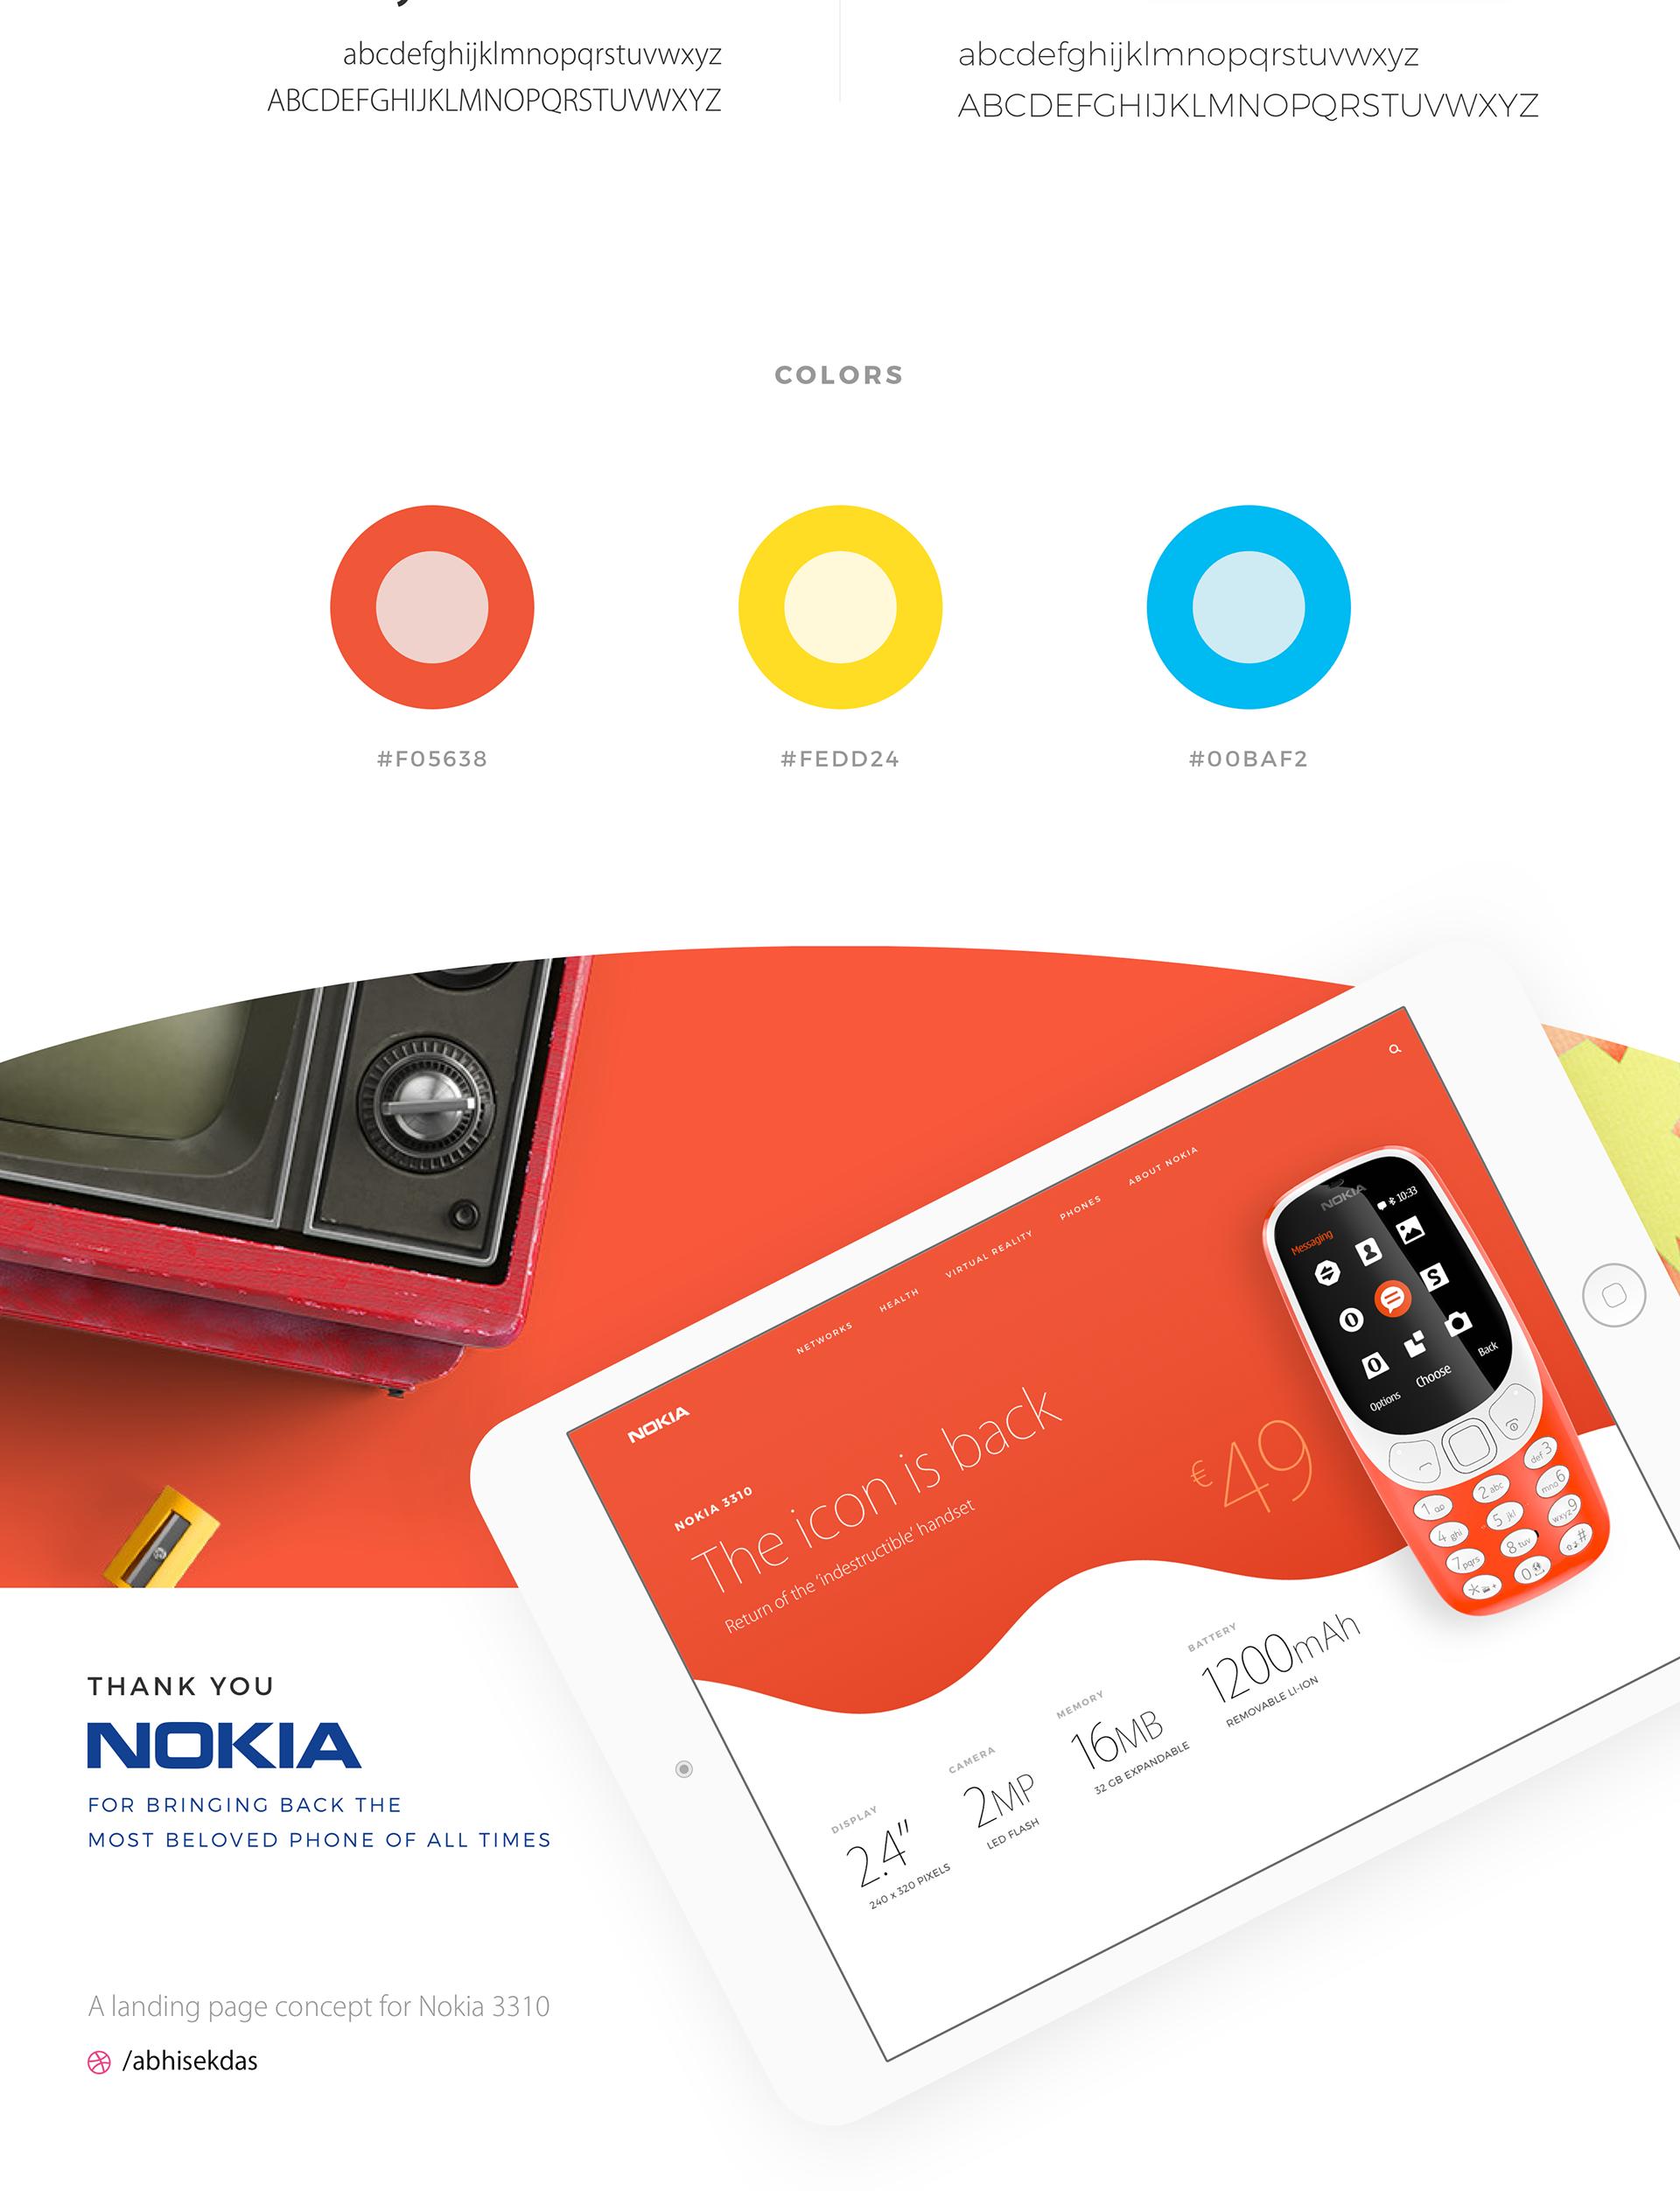 5 Projets de Branding, d'Identité ou de Redesign à voir #7